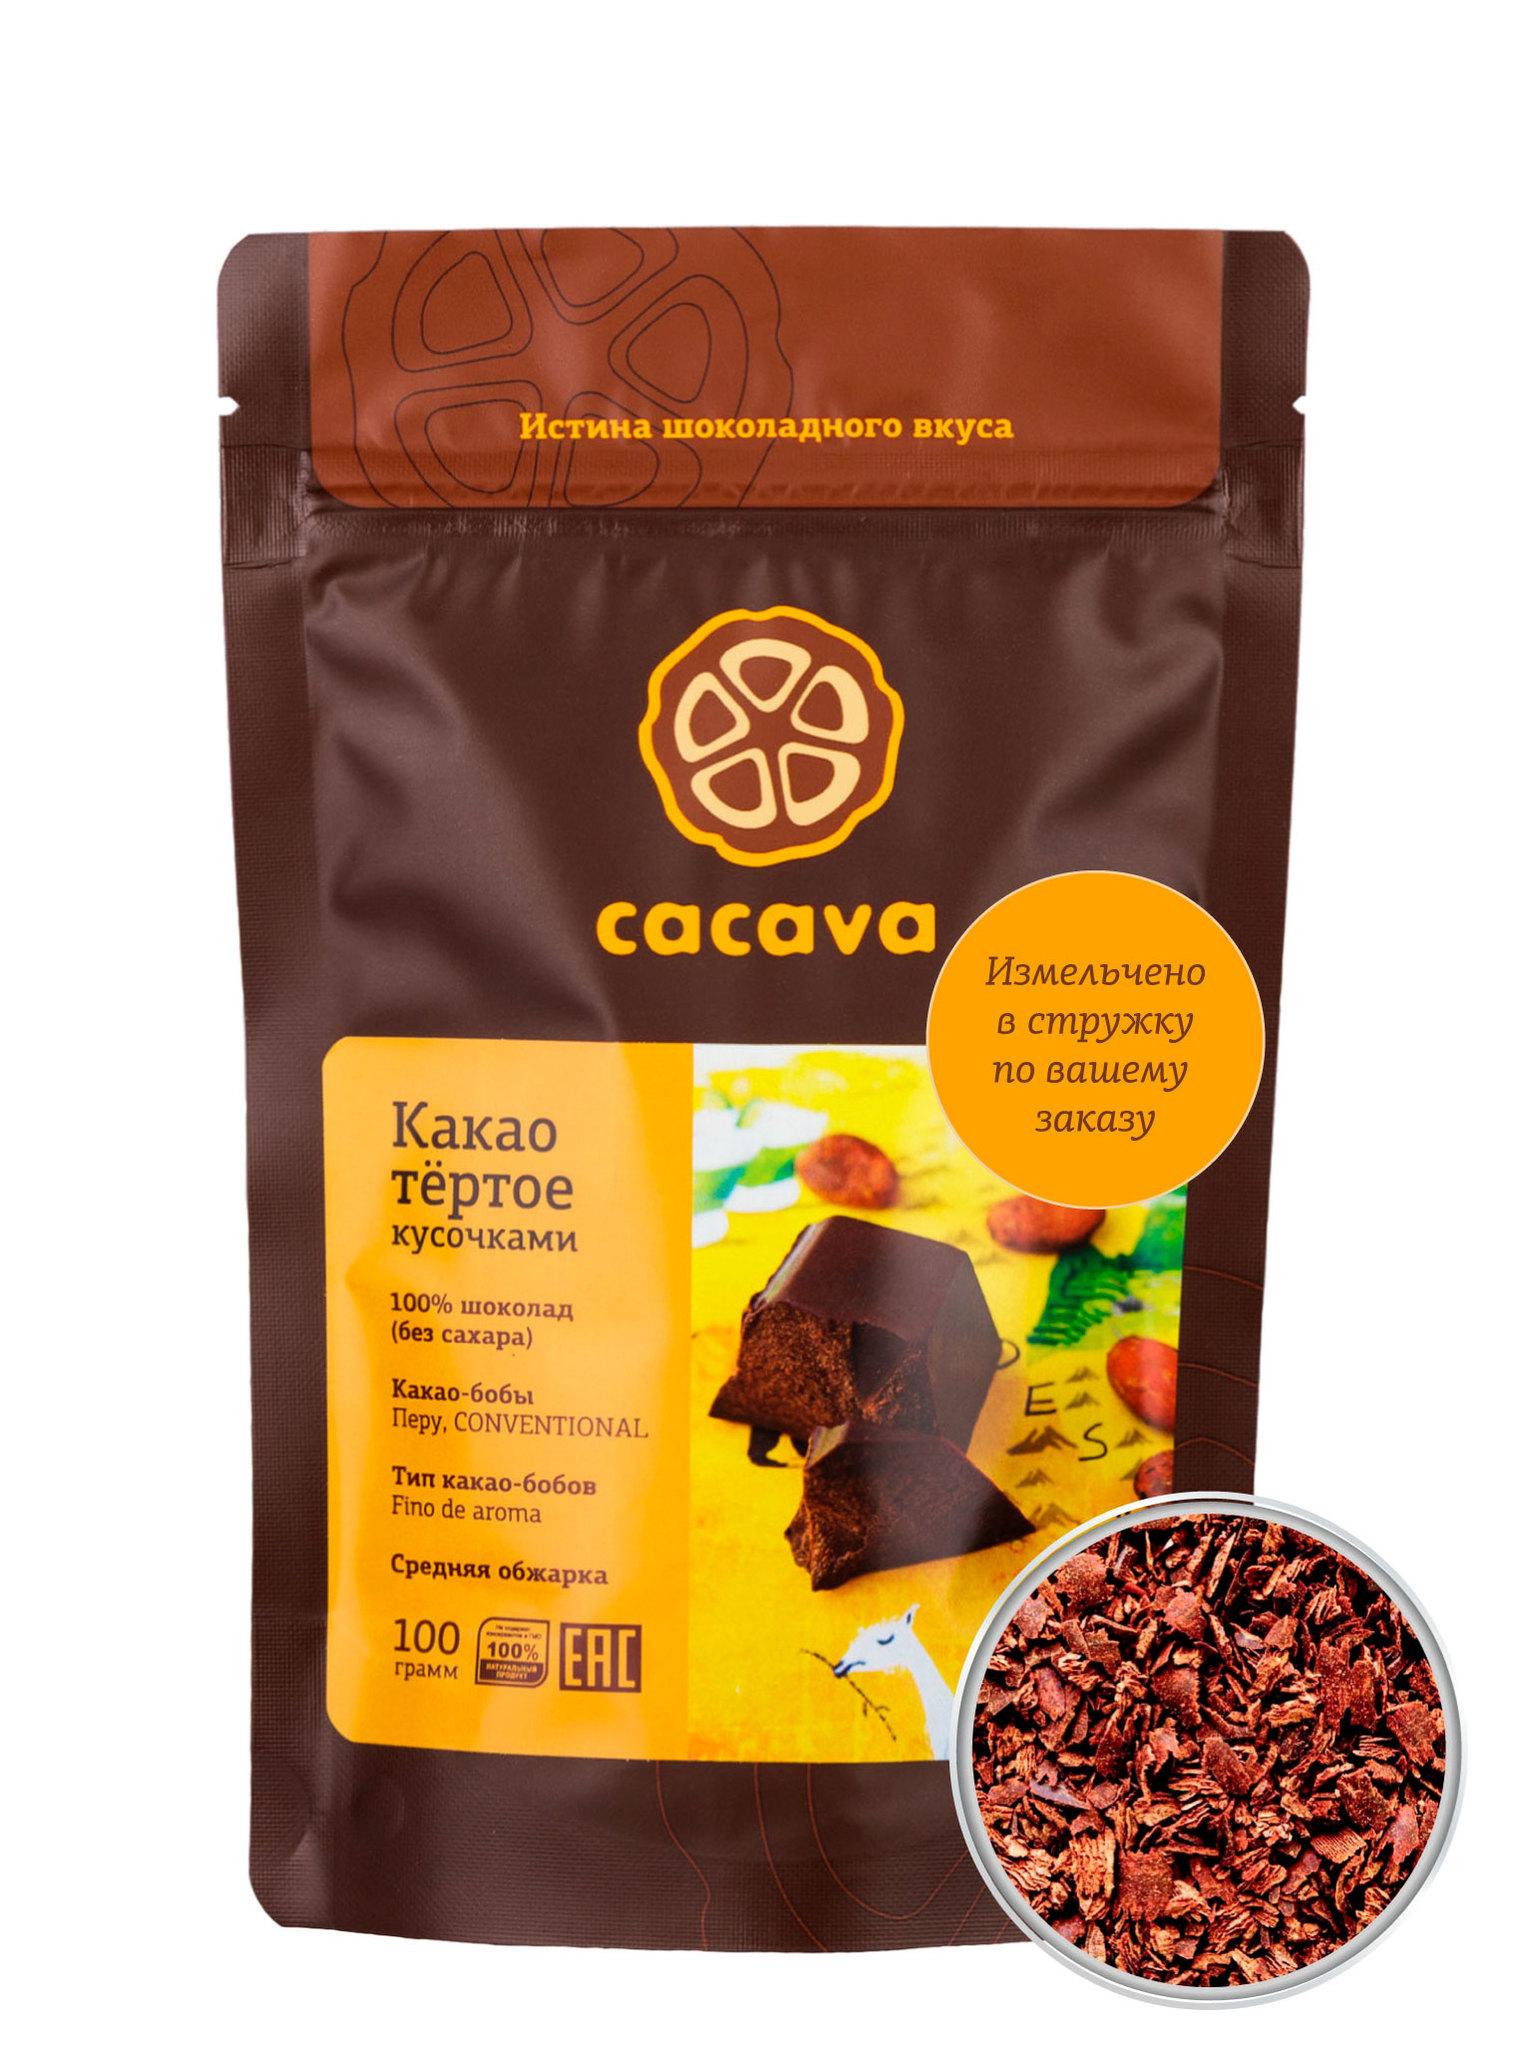 Какао тёртое в стружке (Перу, Conventional), упаковка 100 грамм